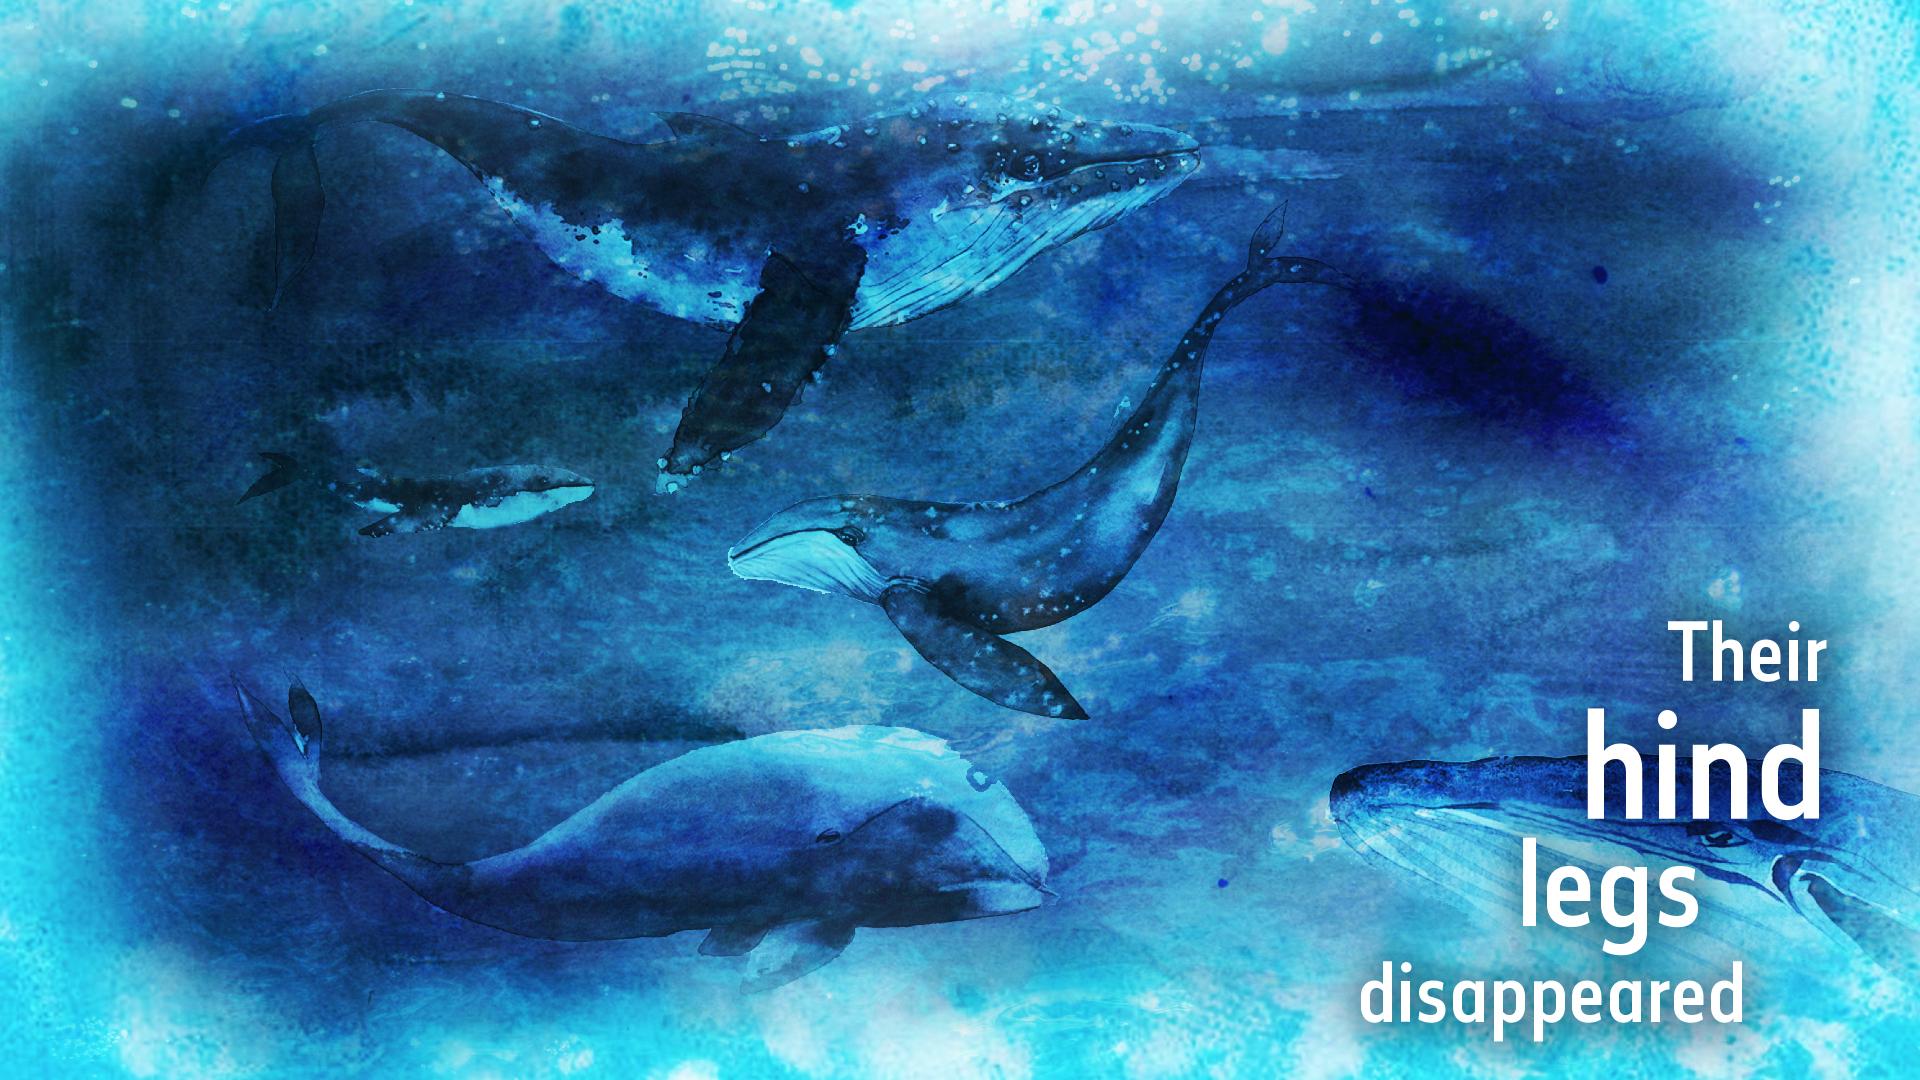 16 - Their hind legs disappeared.jpg